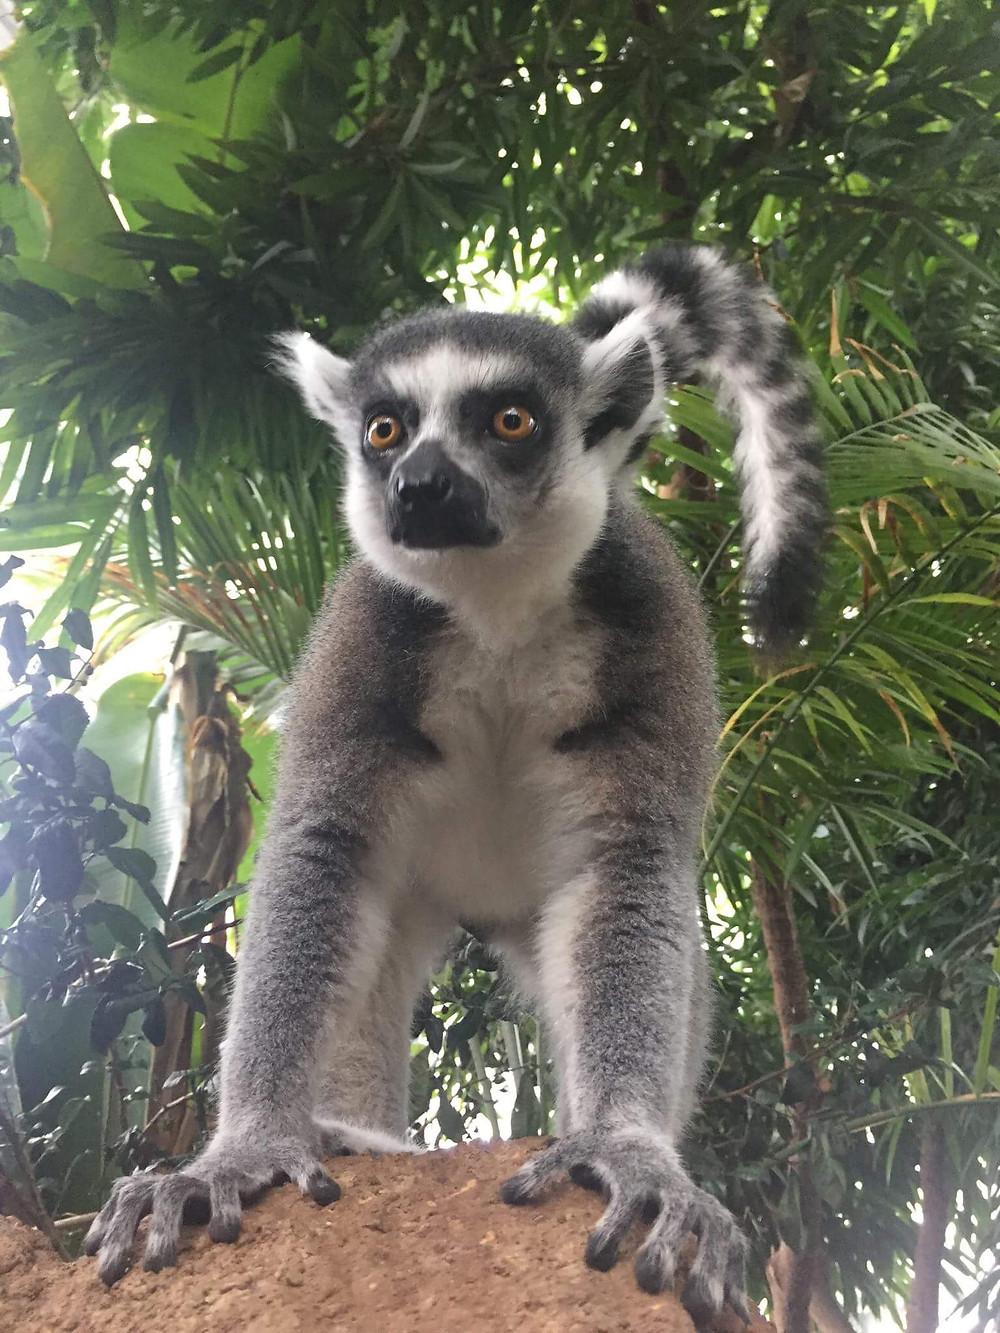 Ring-tailed lemur photo by Karis Frain